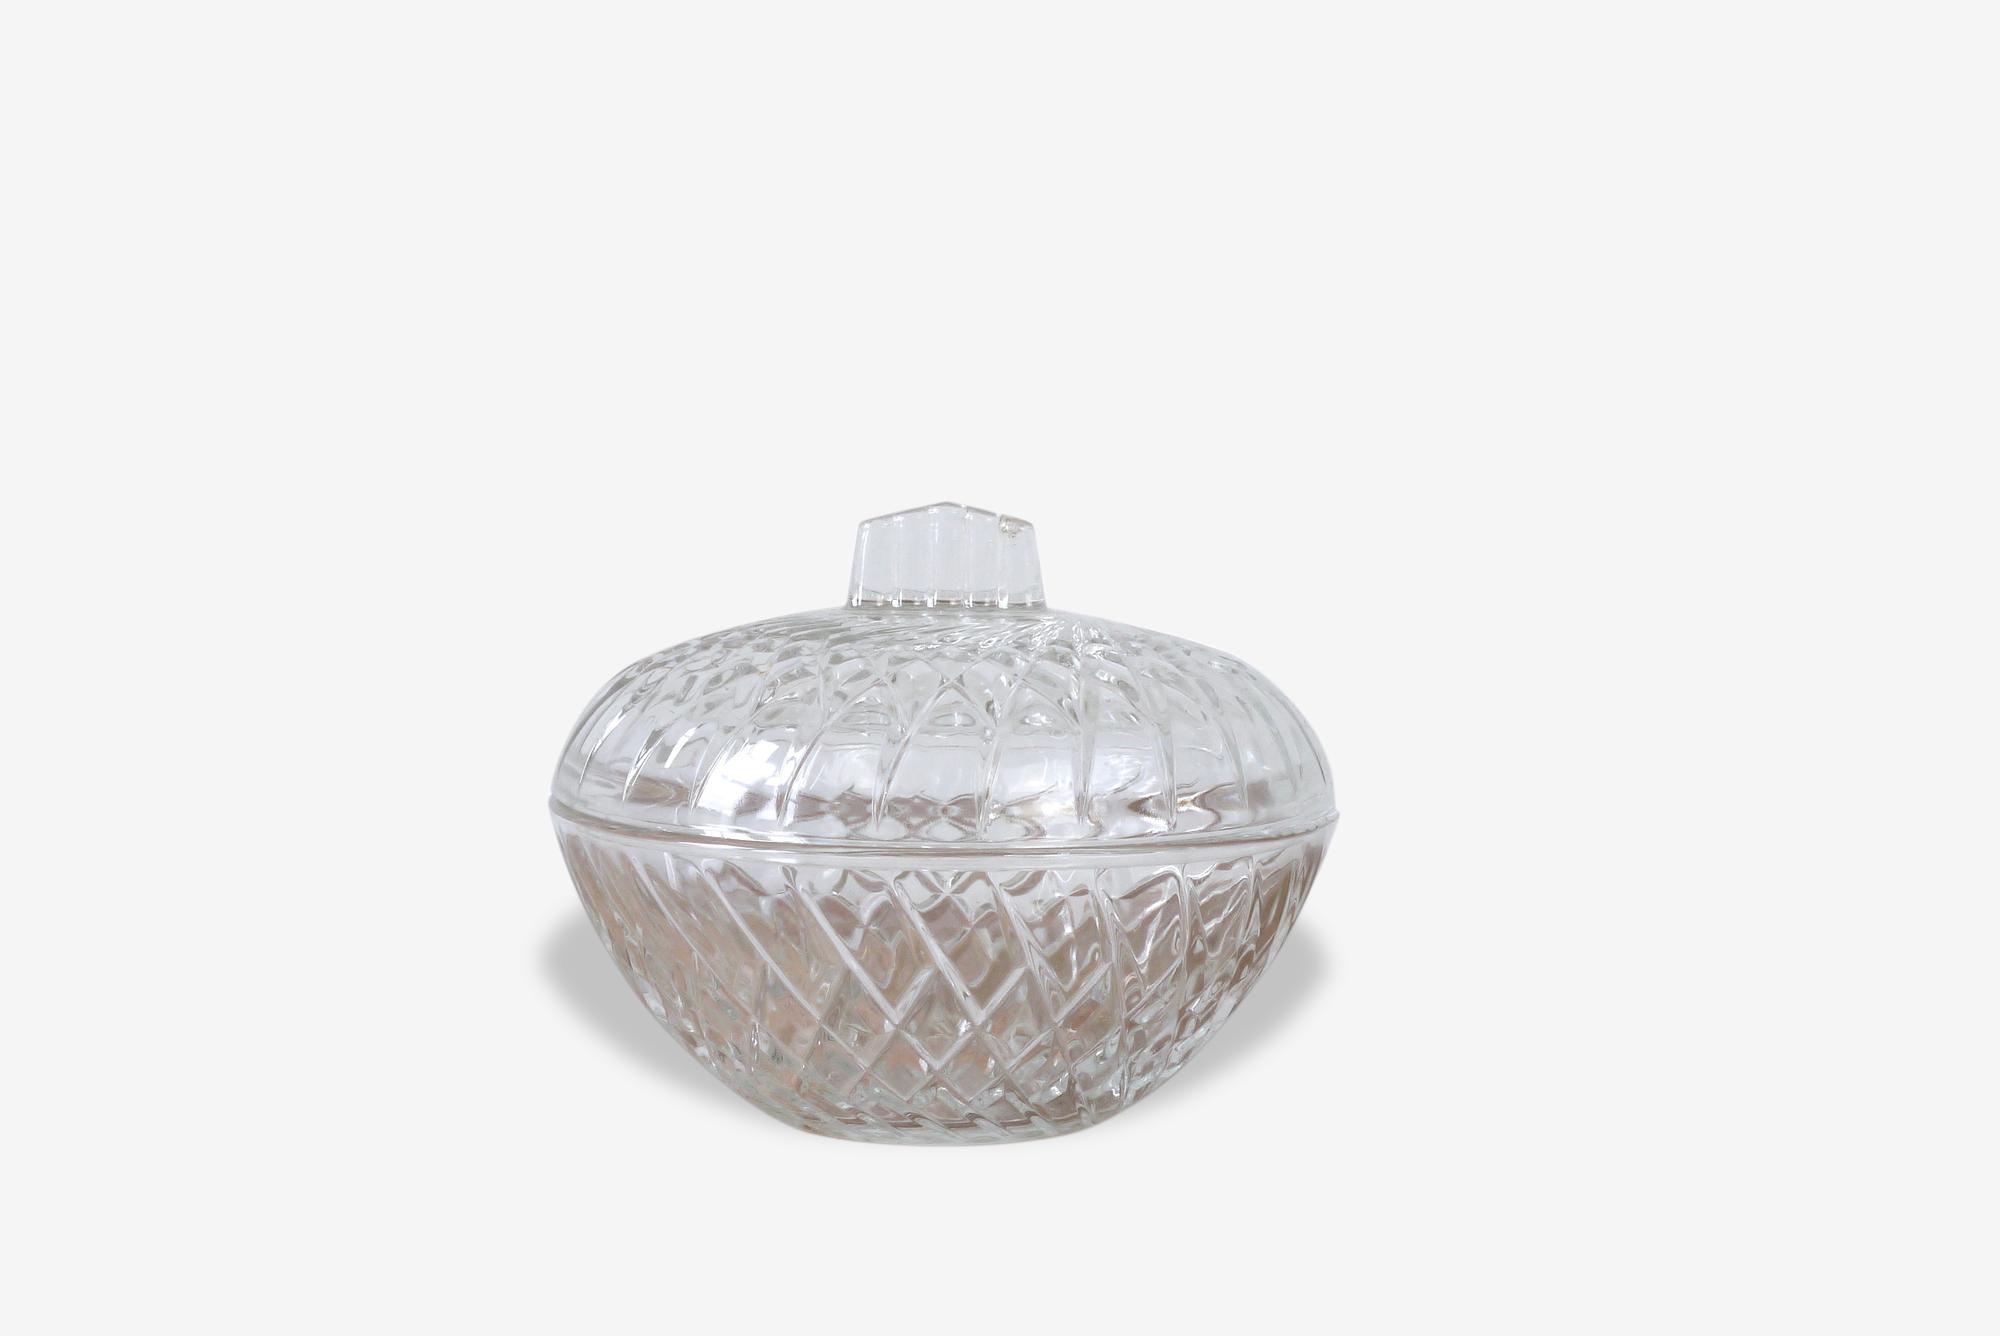 Bonbonnière ronde en verre ciselé